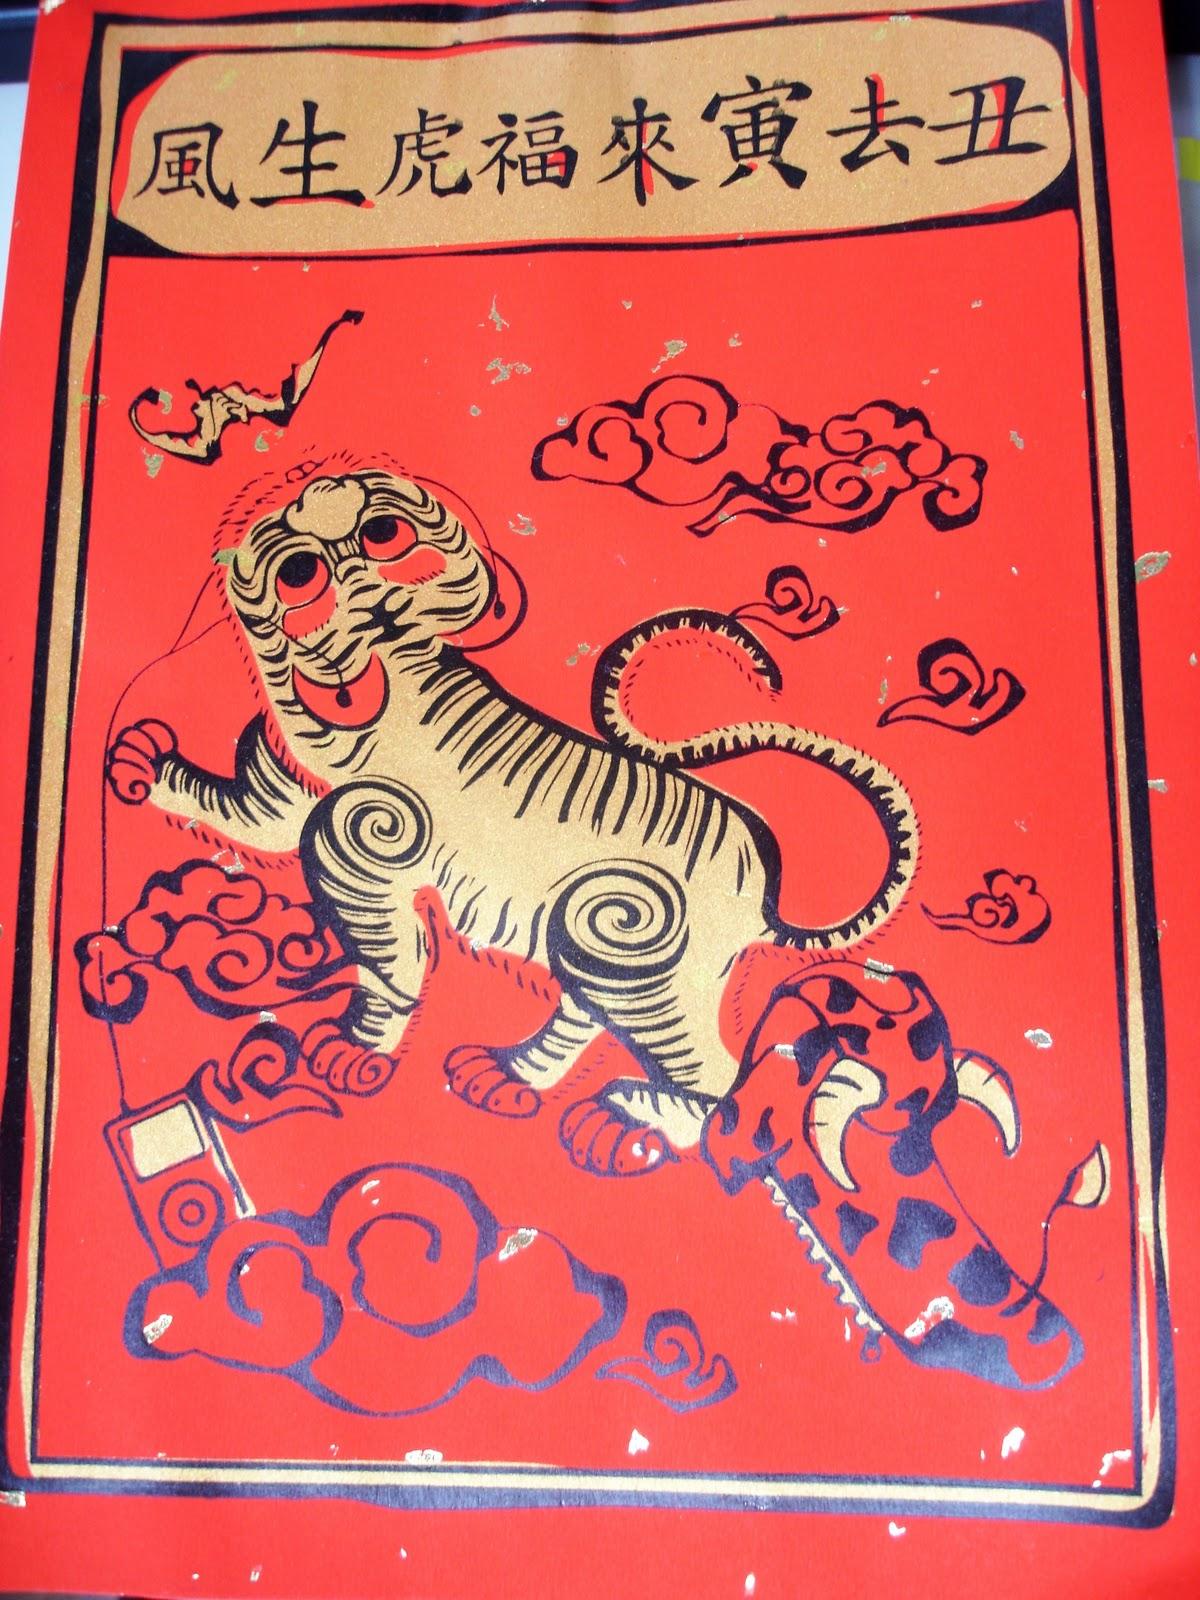 臺灣博物館;你的博物館: 建館之初即入藏臺博館的臺灣民主國藍地黃虎旗